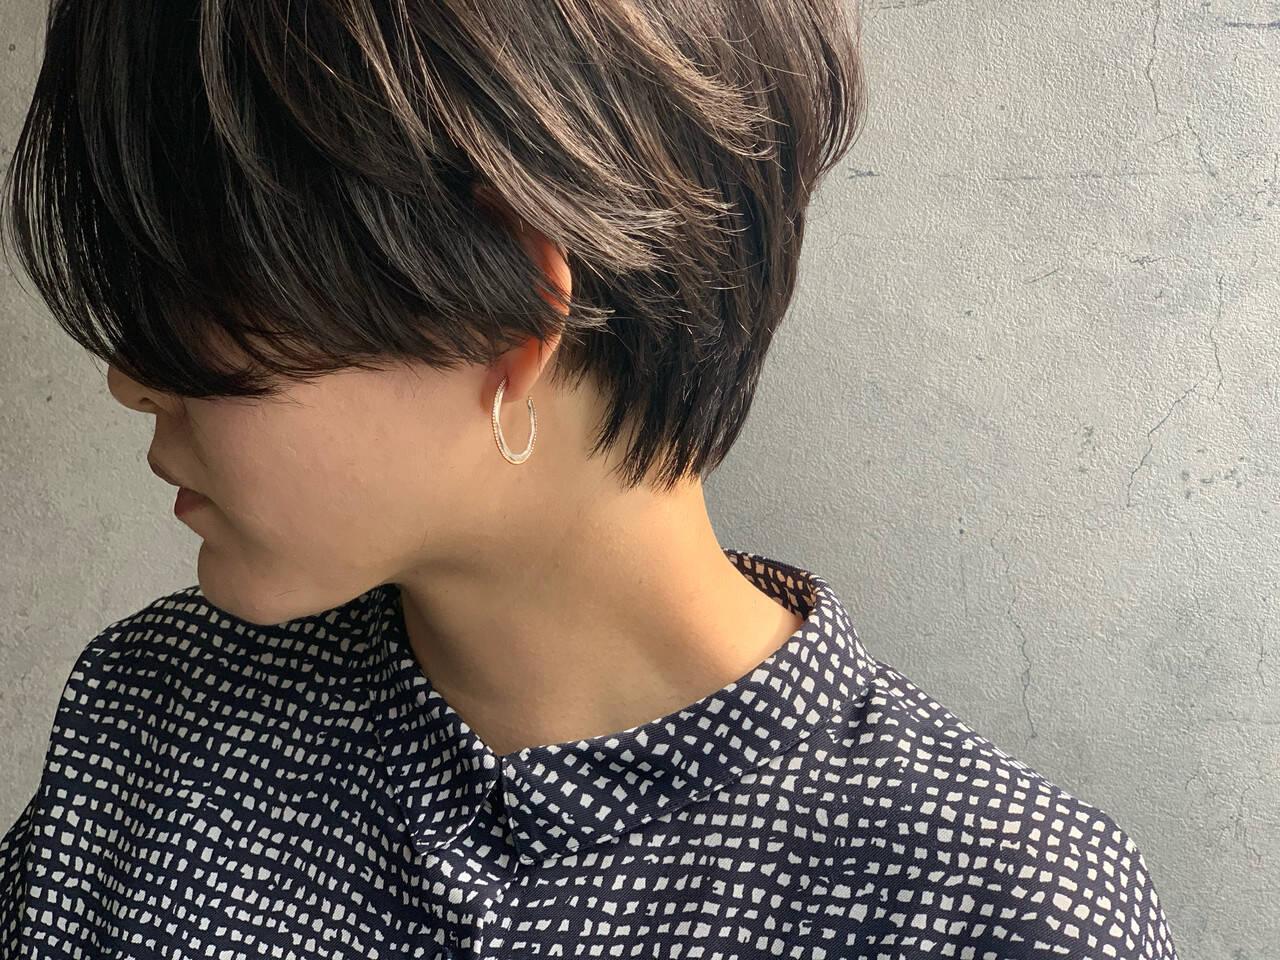 ショート ベリーショート ショートボブ モードヘアスタイルや髪型の写真・画像